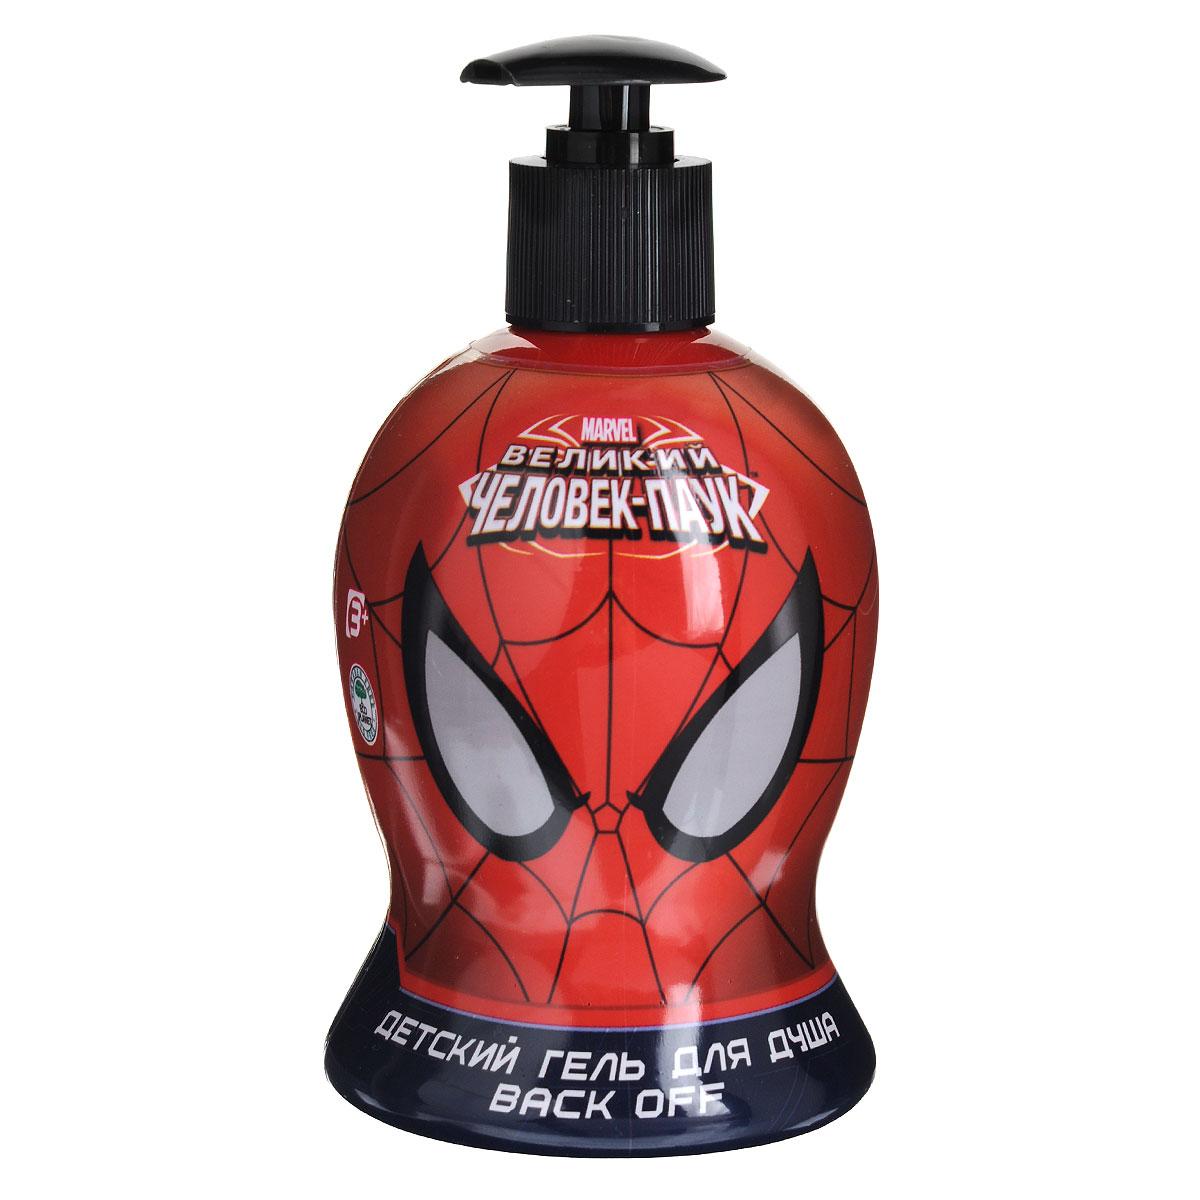 Spider-Man Гель для душа Back off, детский, 480 мл1204Мягкий гель для душа делает кожу гладкой и бархатистой. Незаменимый помощник в борьбе с усталостью и скукой. Гель образует густую ароматную пену, которая великолепно очищает кожу, ухаживает и насыщает энергией. Линия средств для настоящего супер-героя! Товар сертифицирован.